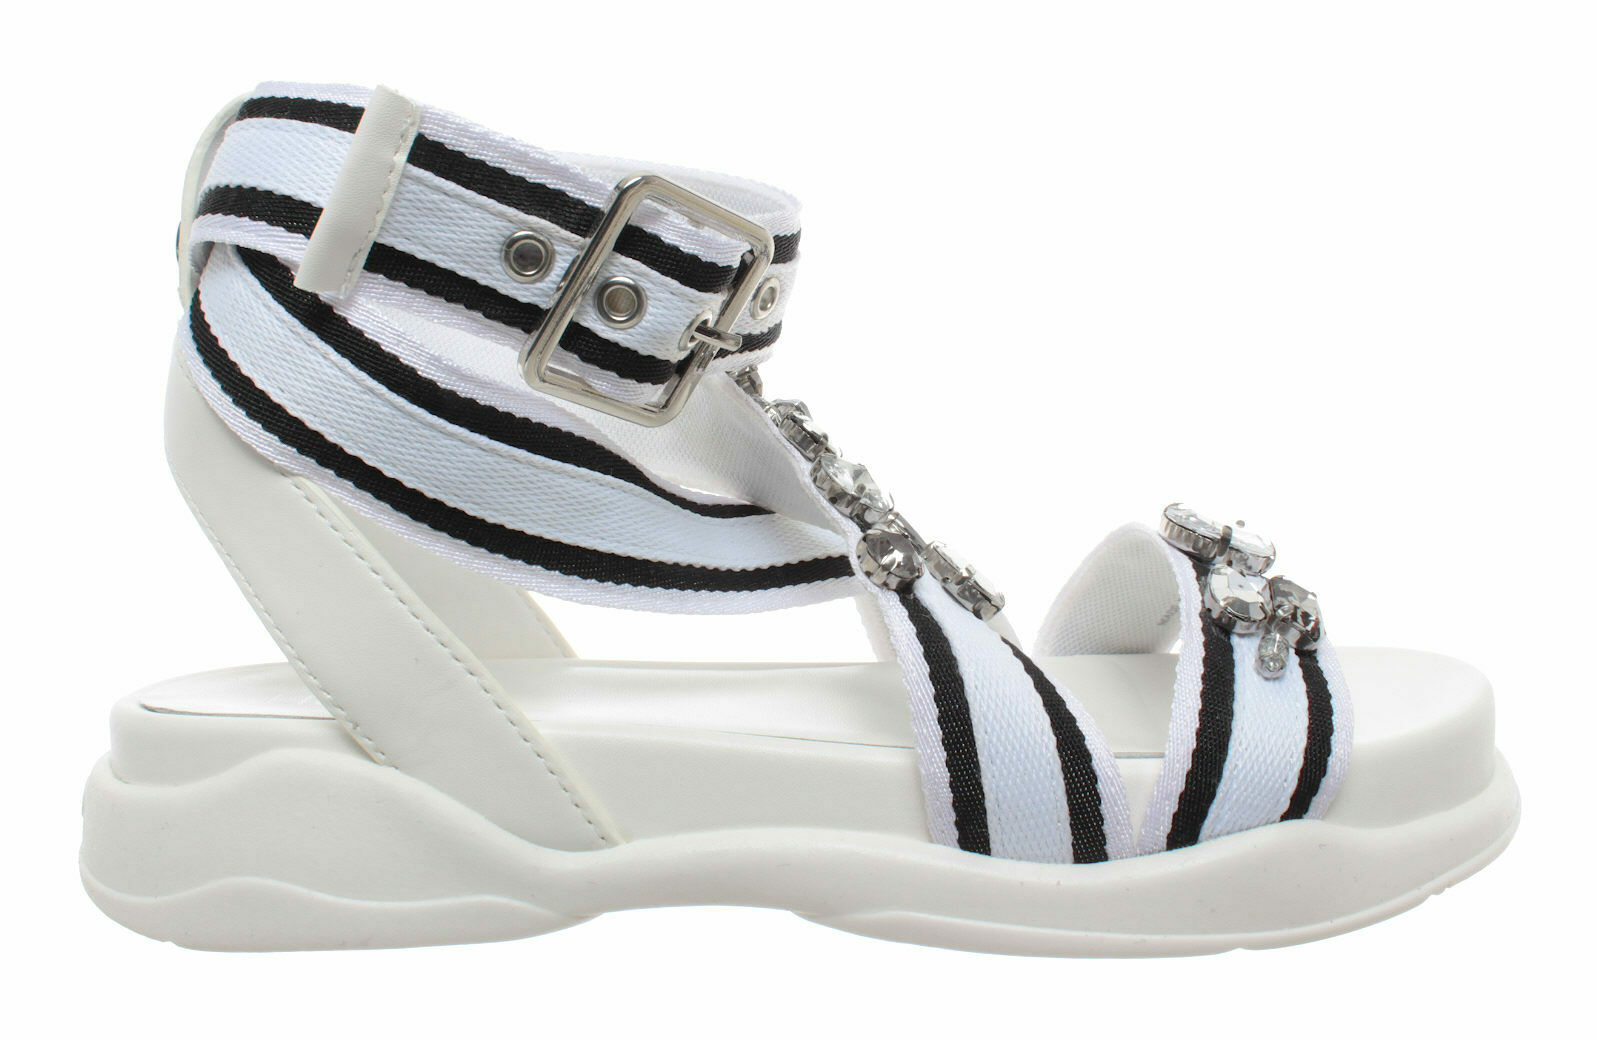 Skosandaler kvinnor liu jo milano stjärna 03 vita sandaler svart svart svart ny  incitament främjande